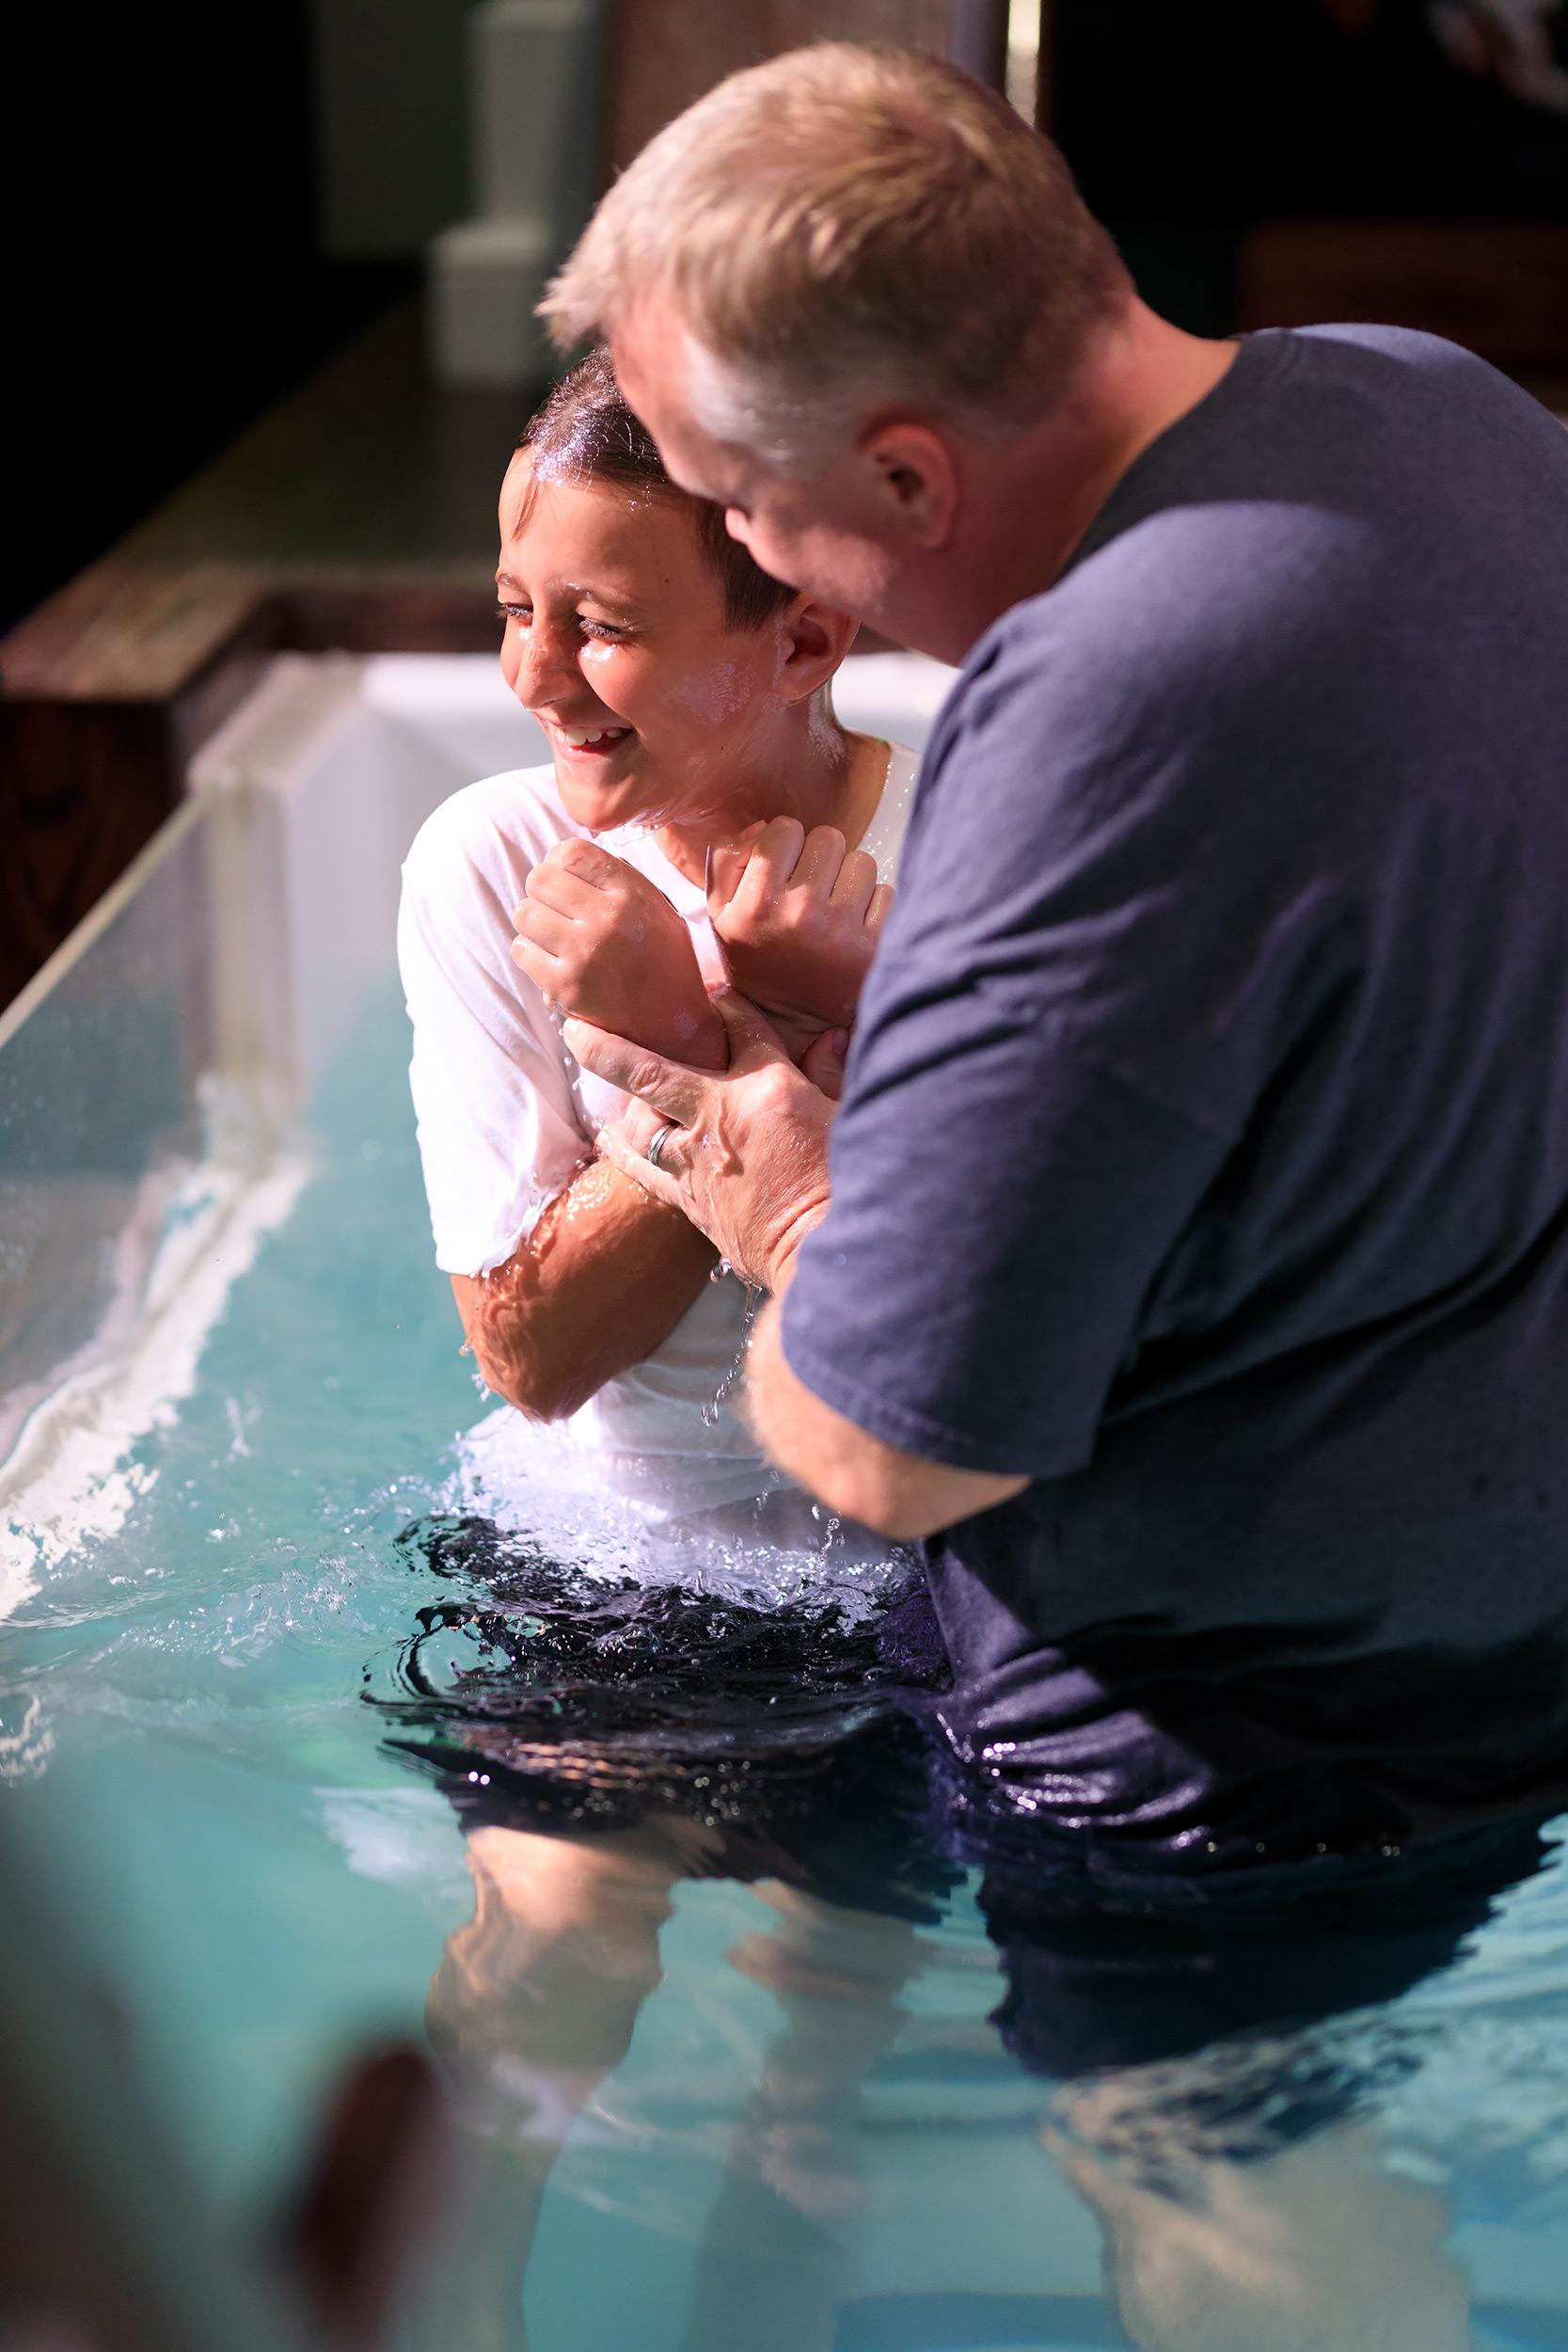 20181007-Sunday-PM-Baptism-Worship-0068.jpg